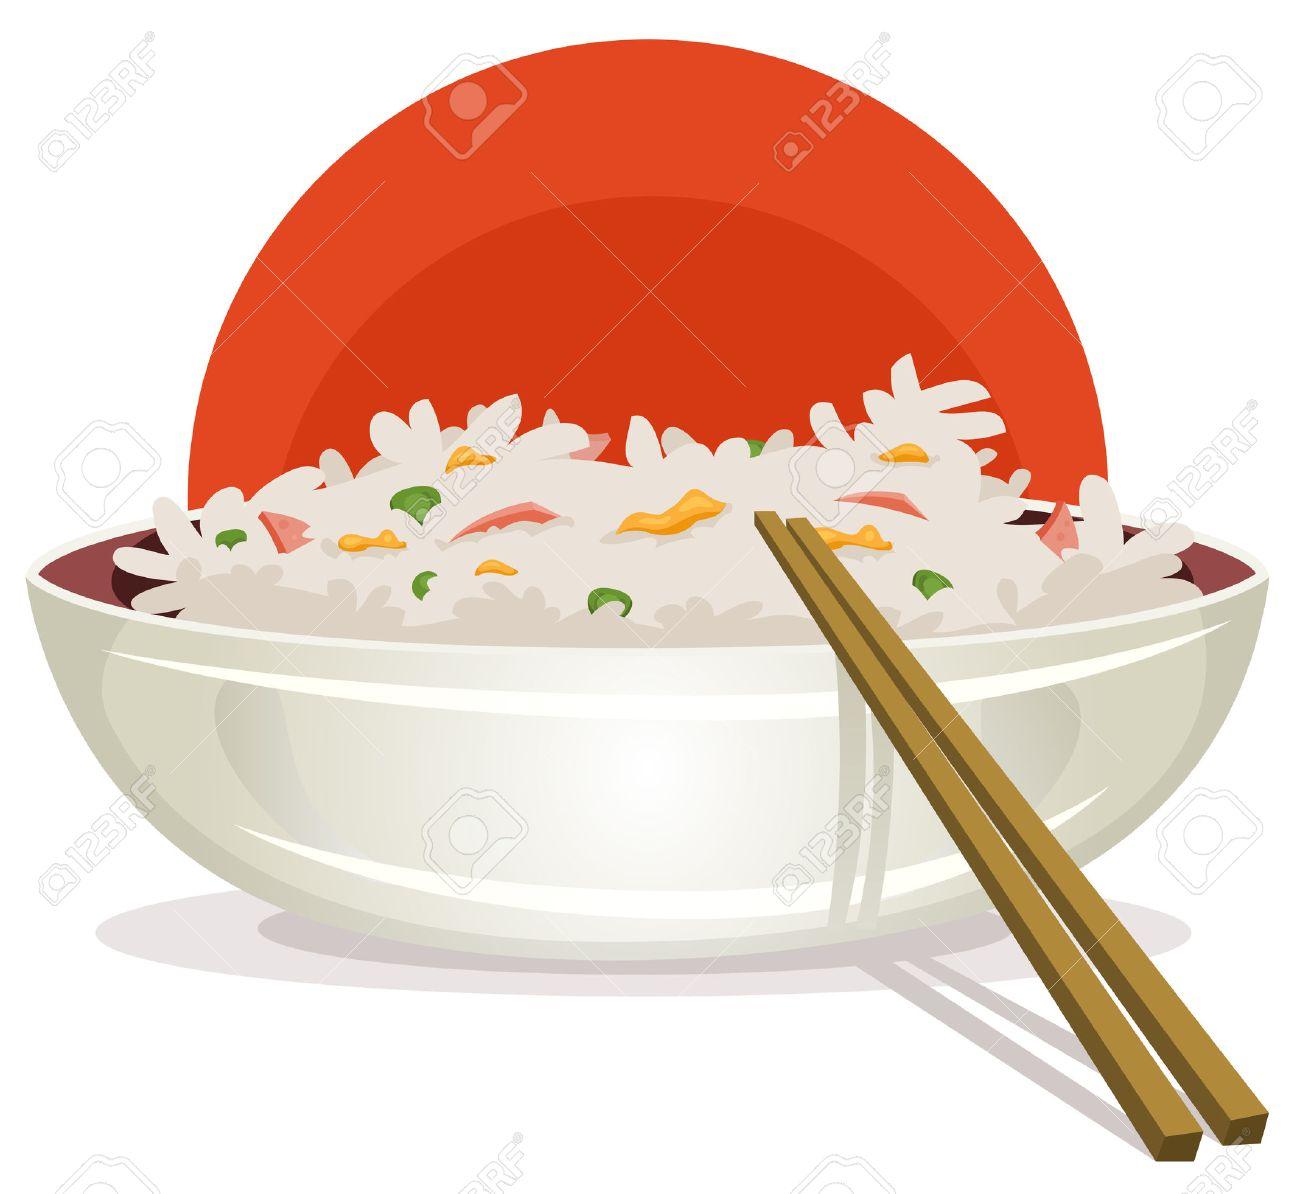 food ingredients  Food Plate Clipart